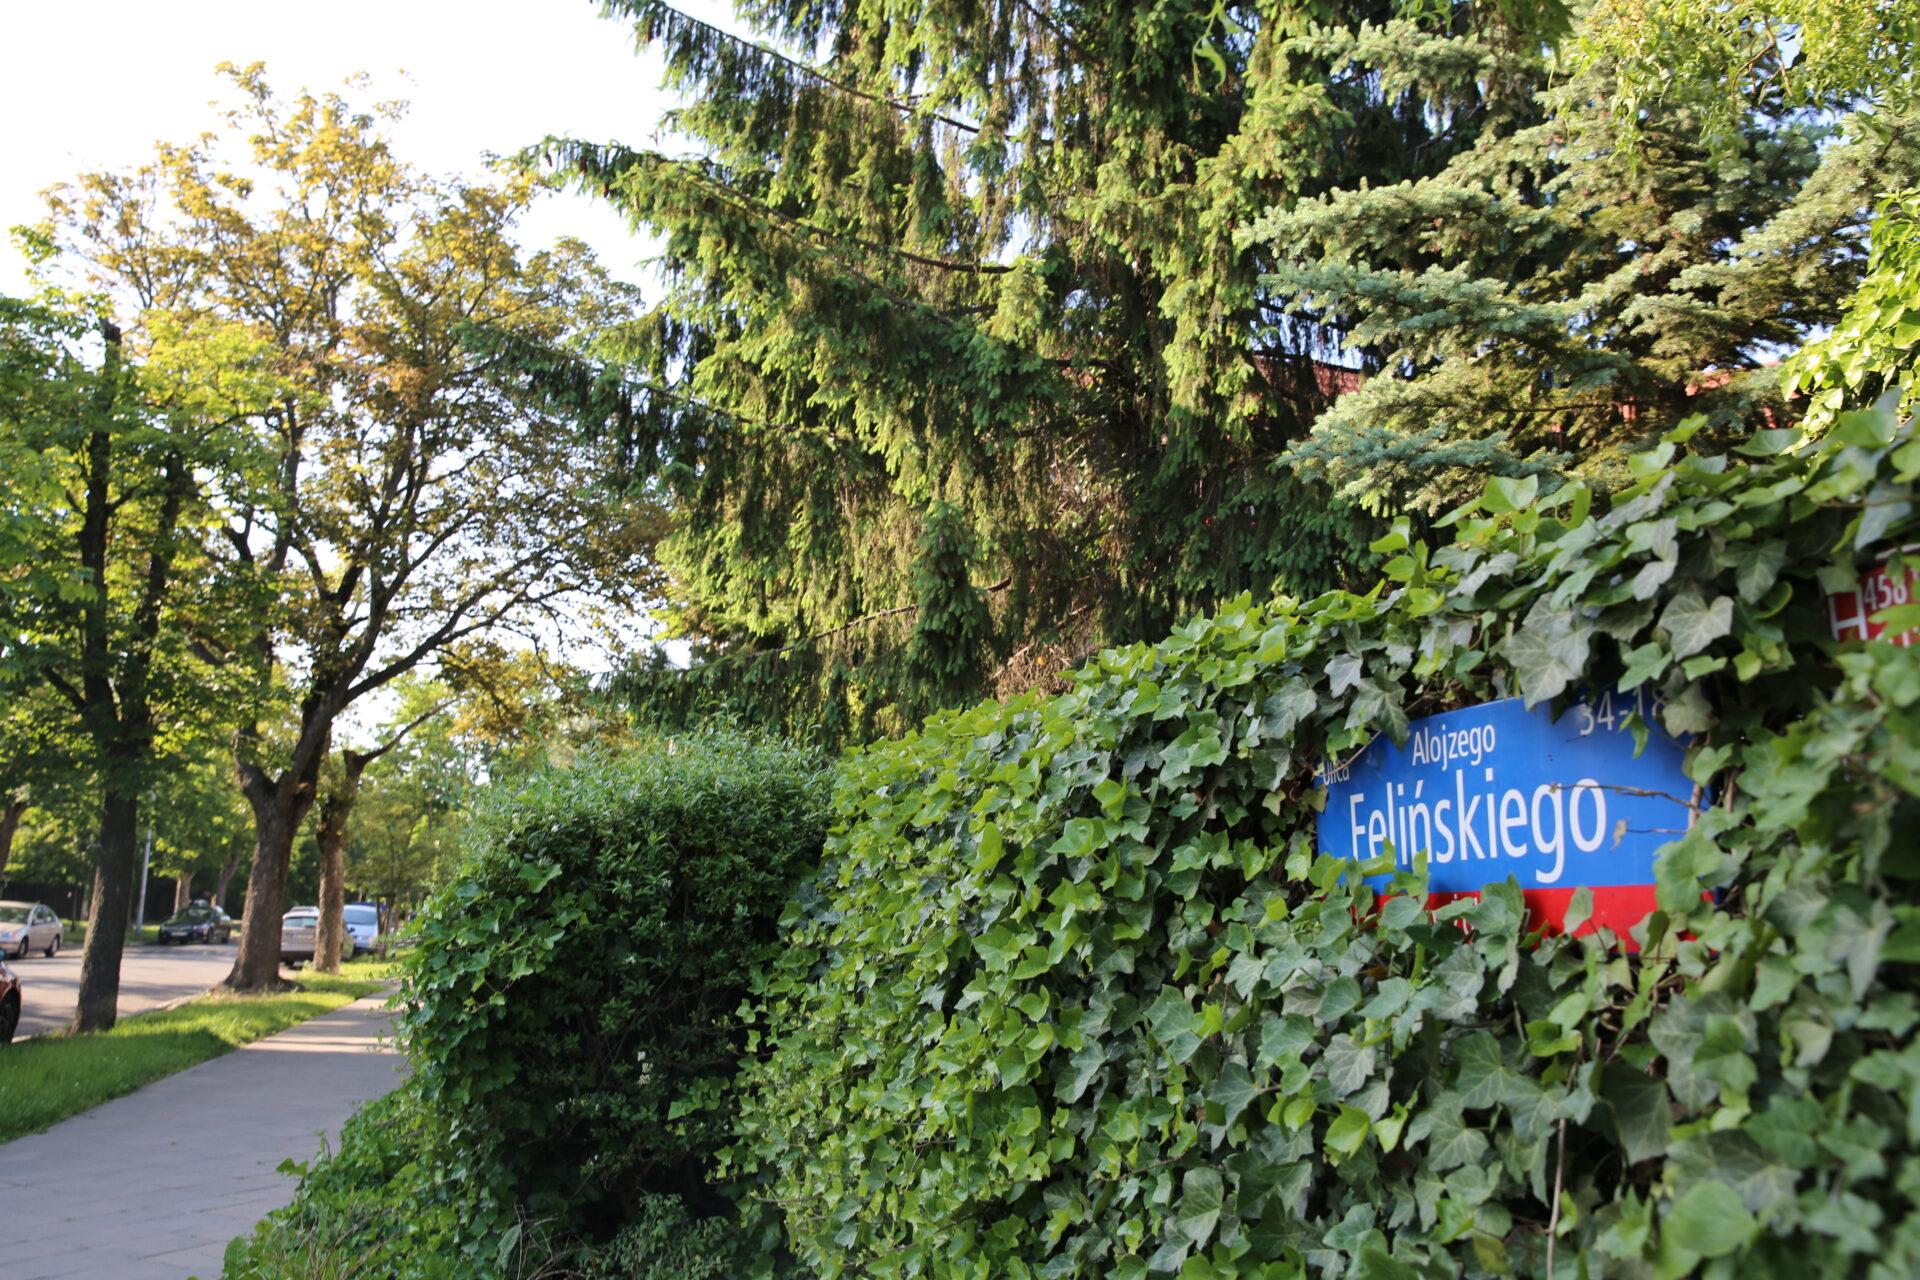 Zdjęcie nazewnątrz. Płot porośnięty roślinami, widoczna jedynie tabliczka znazwą ulicy Alojzego Felińskiego.